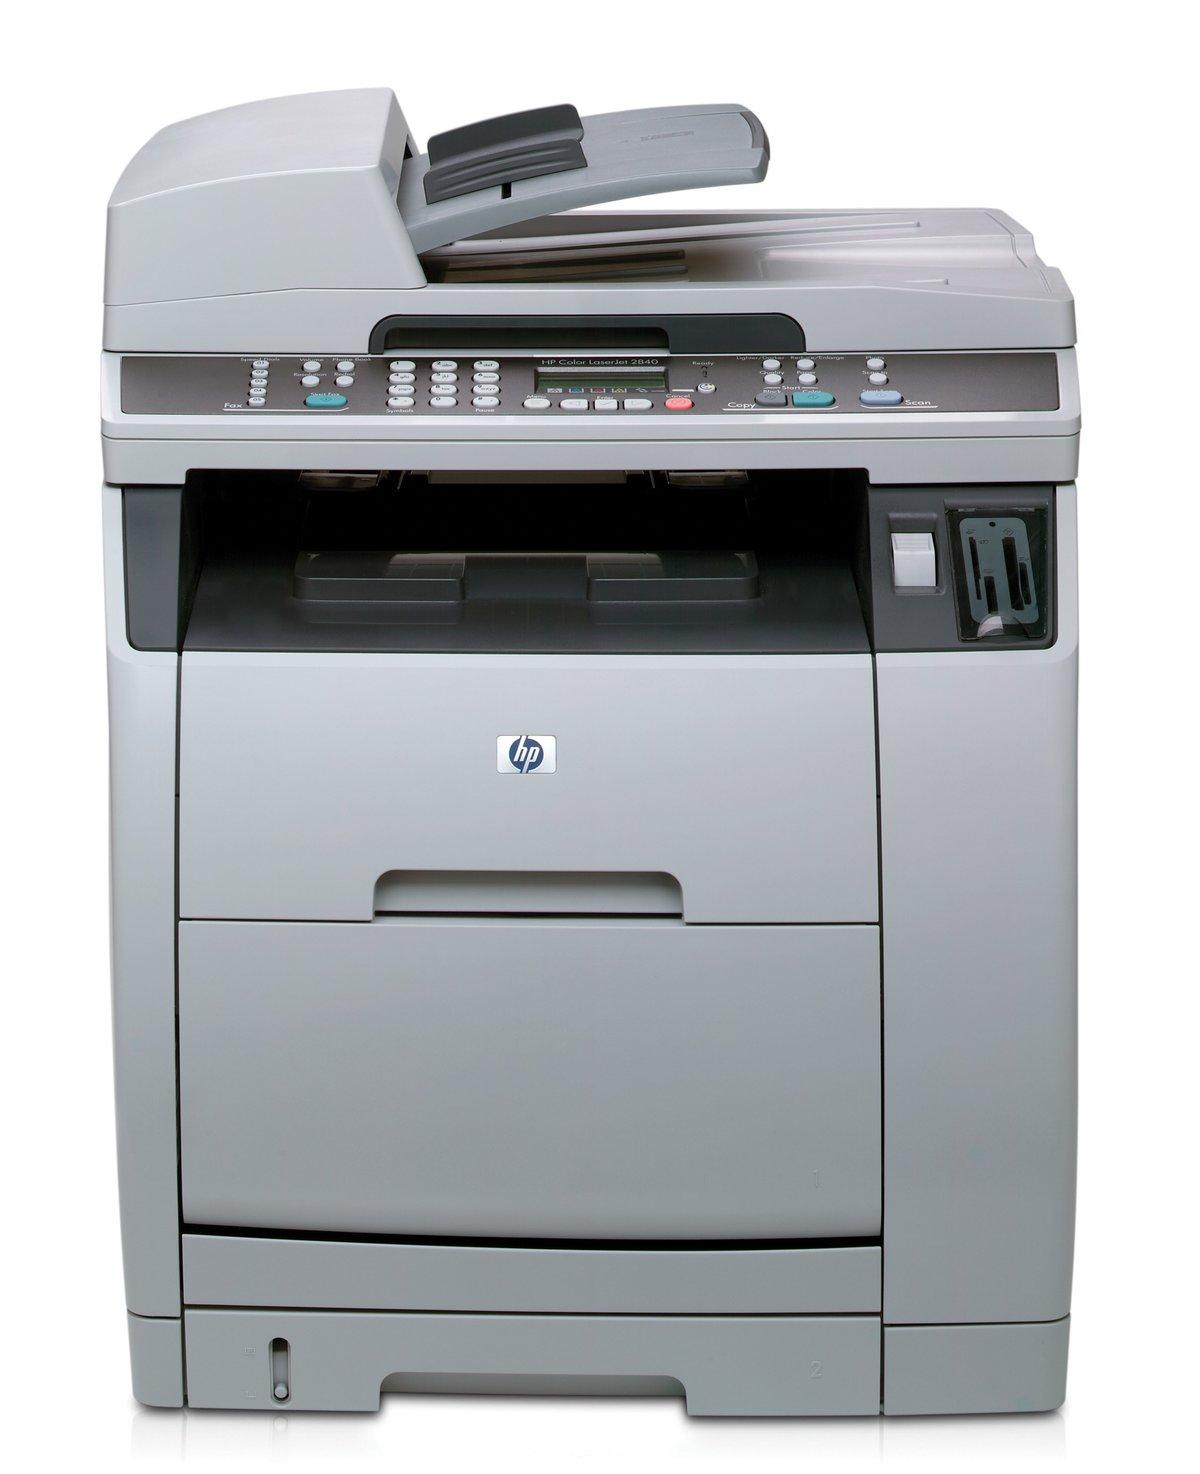 slide 1 of 3,show larger image, hp color laserjet 2840 all-in